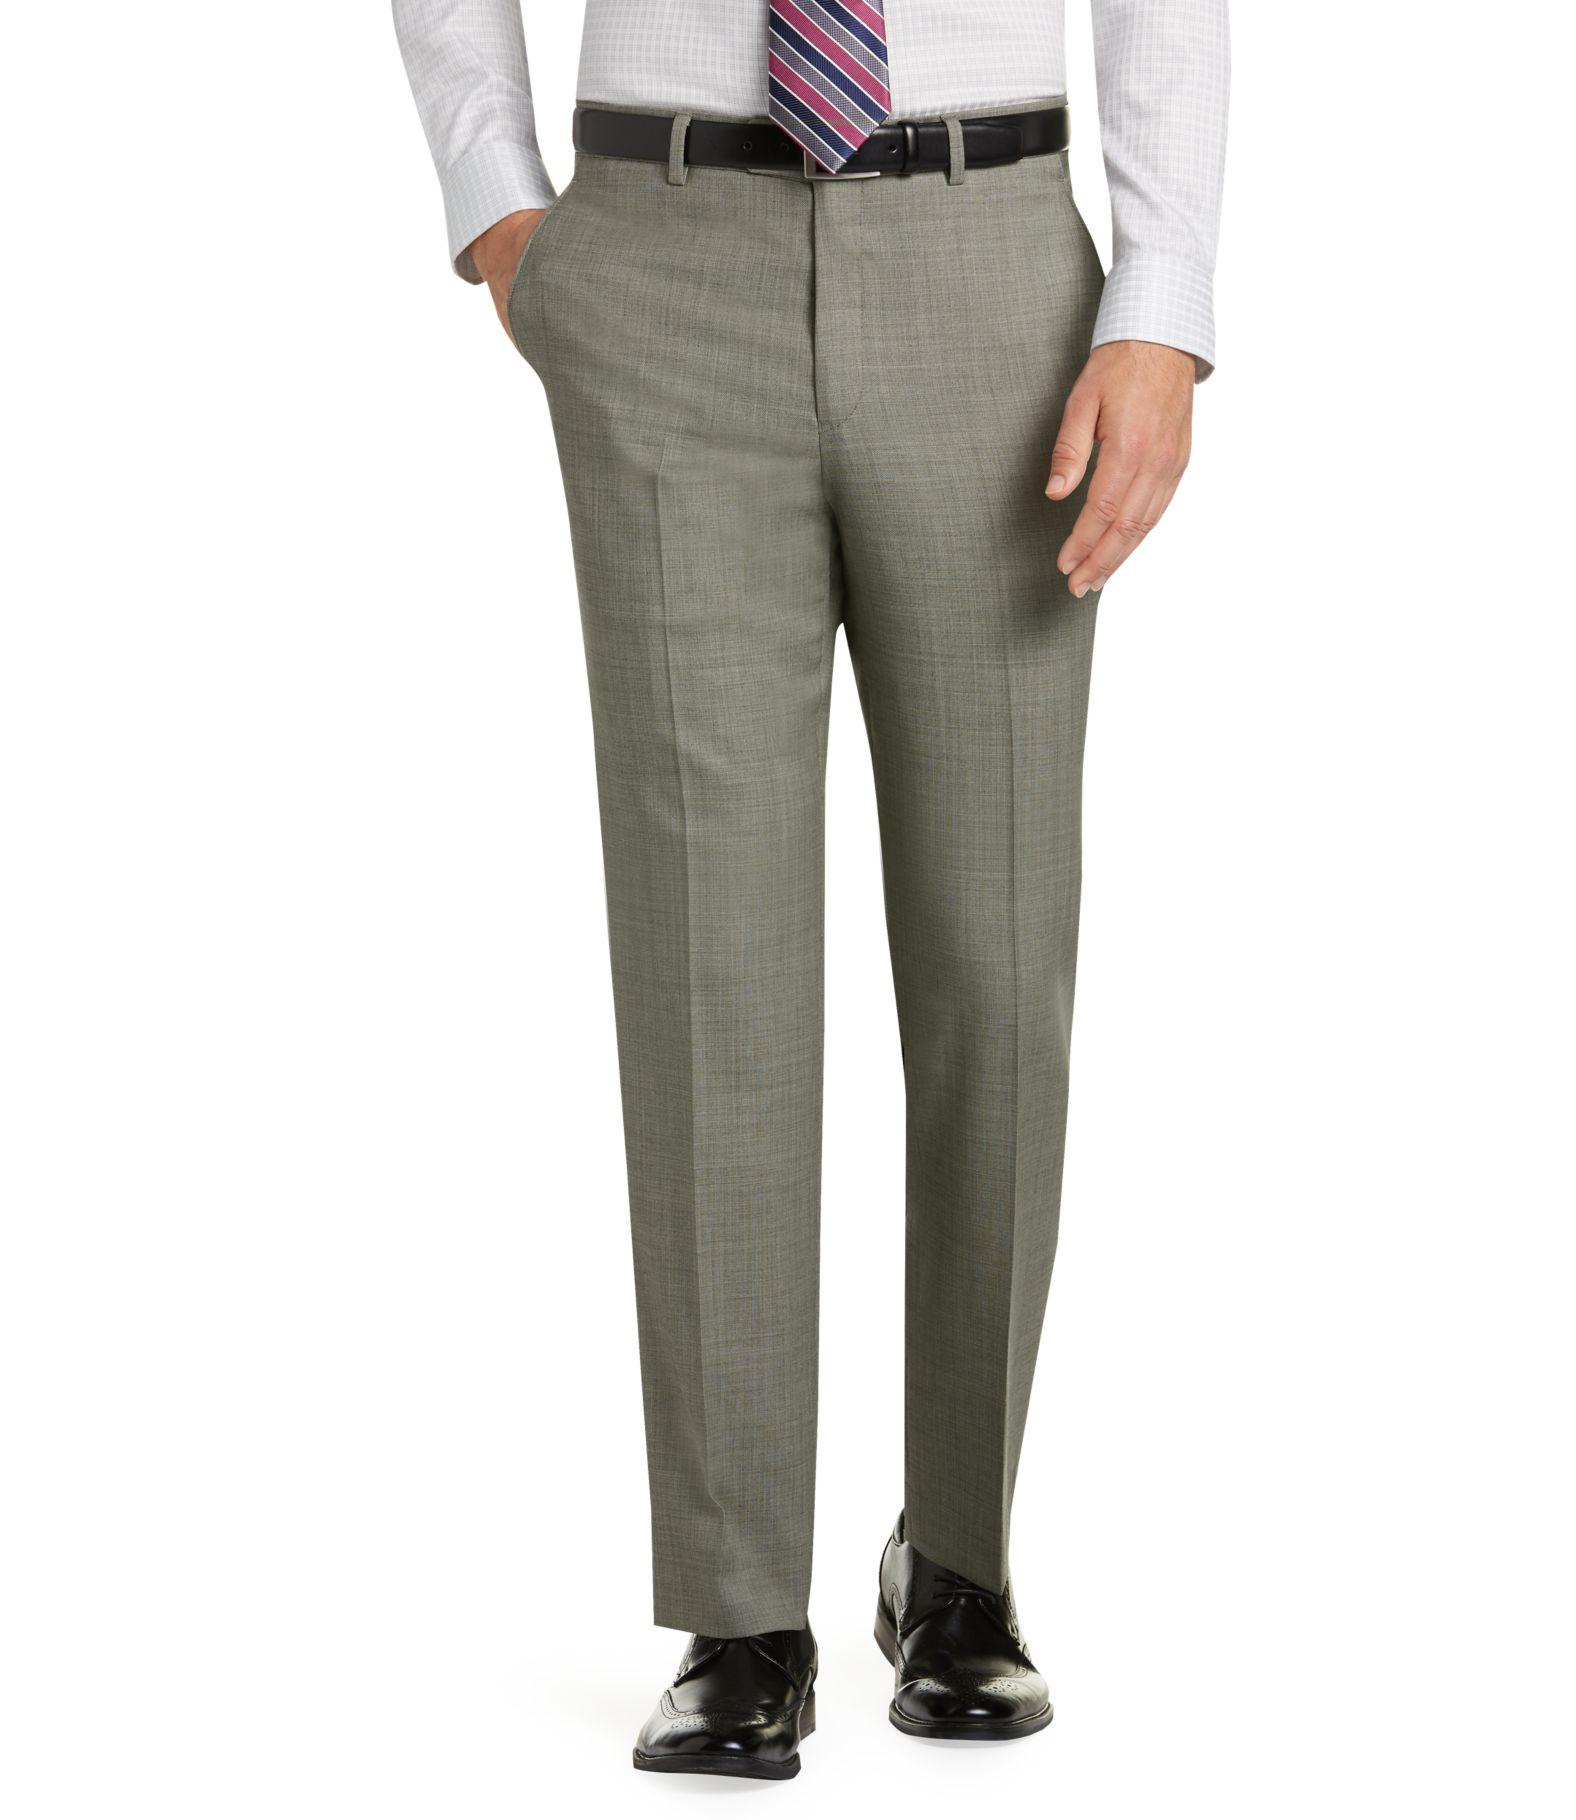 Tailored Fit Dress Pants | Men's | JoS. A. Bank Clothiers